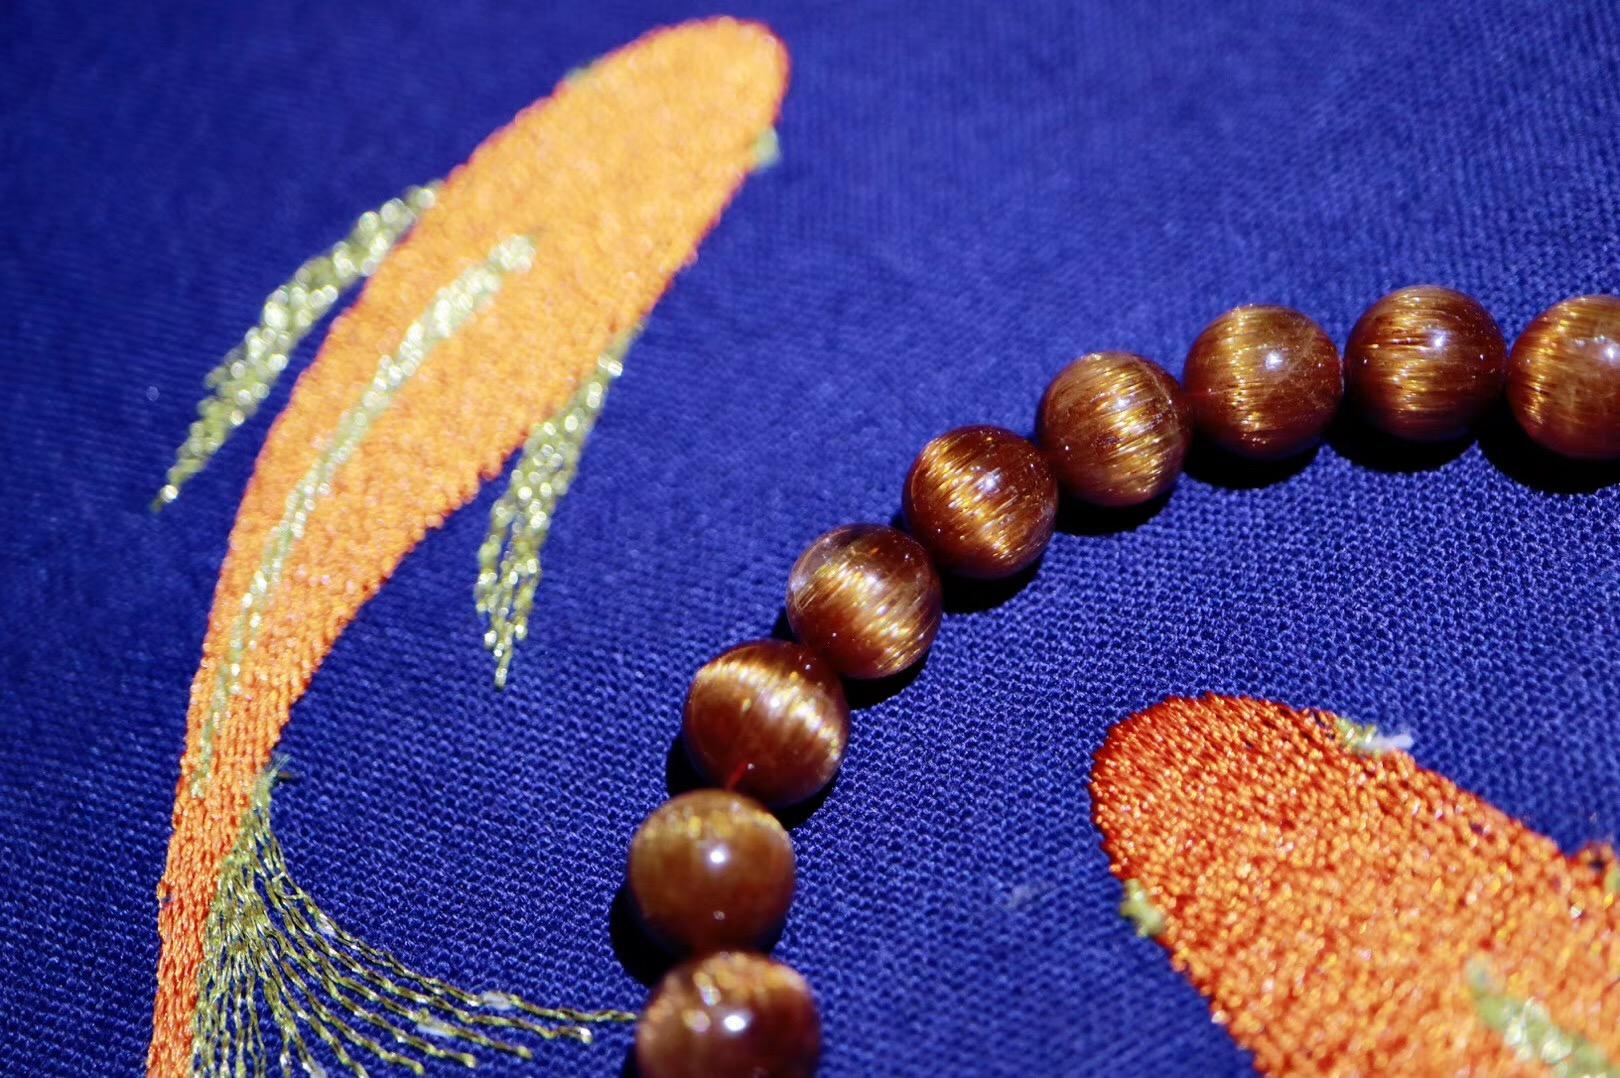 【菩心铜发晶】铜发晶是非常好的护身符、平安符,可吸收掉一切负面能量-菩心晶舍